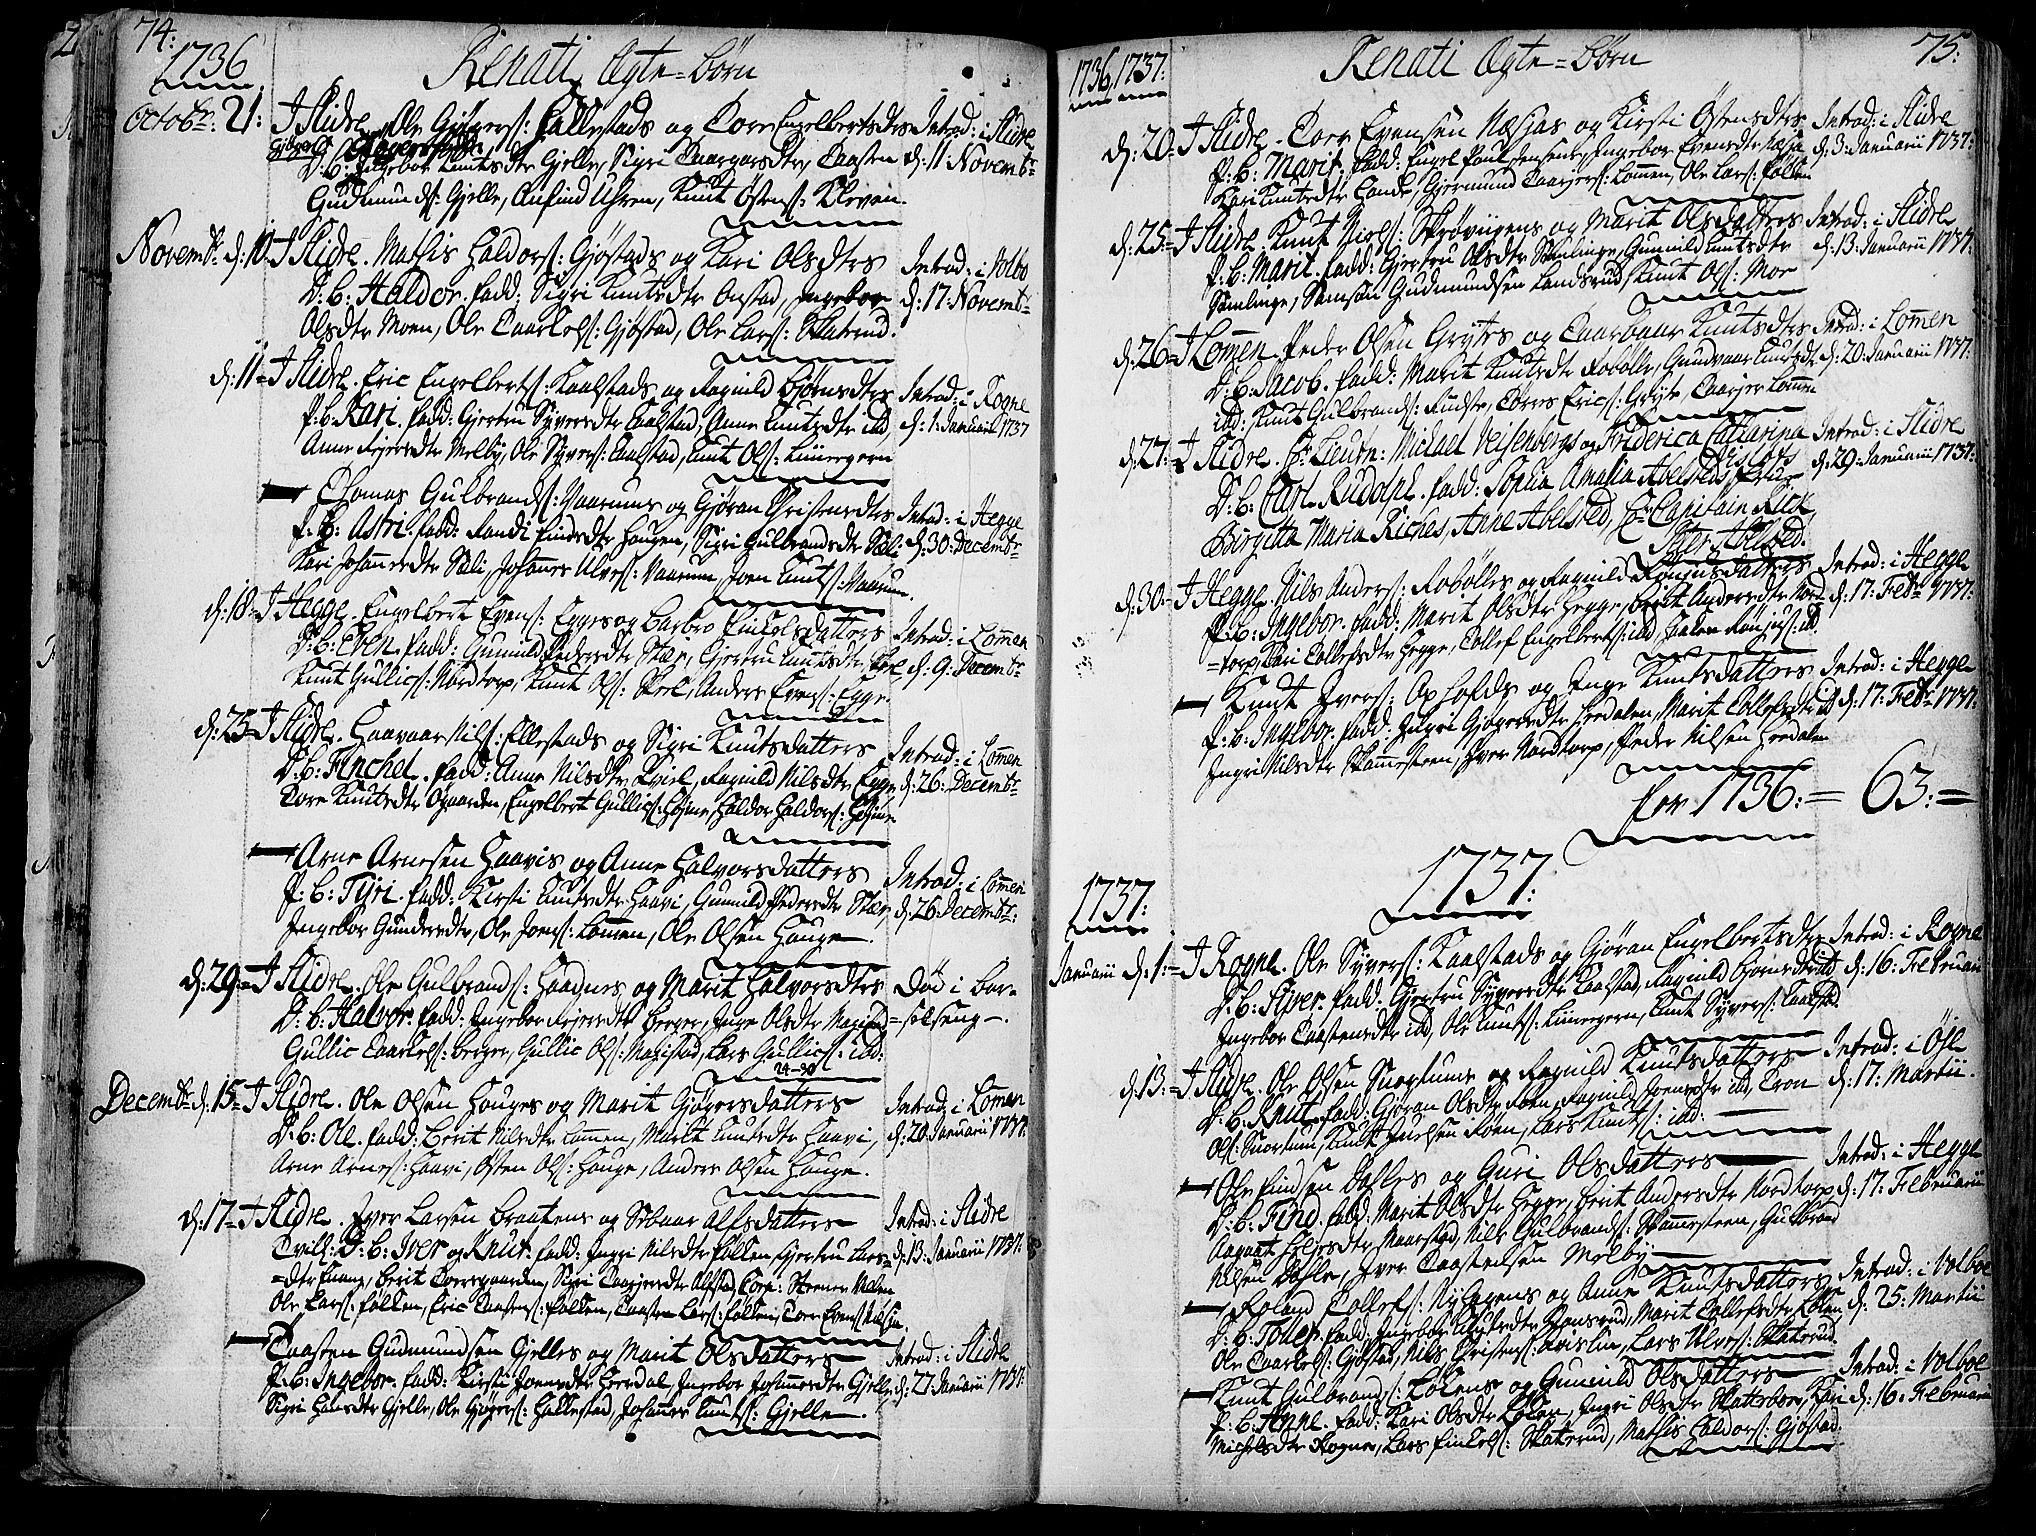 SAH, Slidre prestekontor, Ministerialbok nr. 1, 1724-1814, s. 74-75